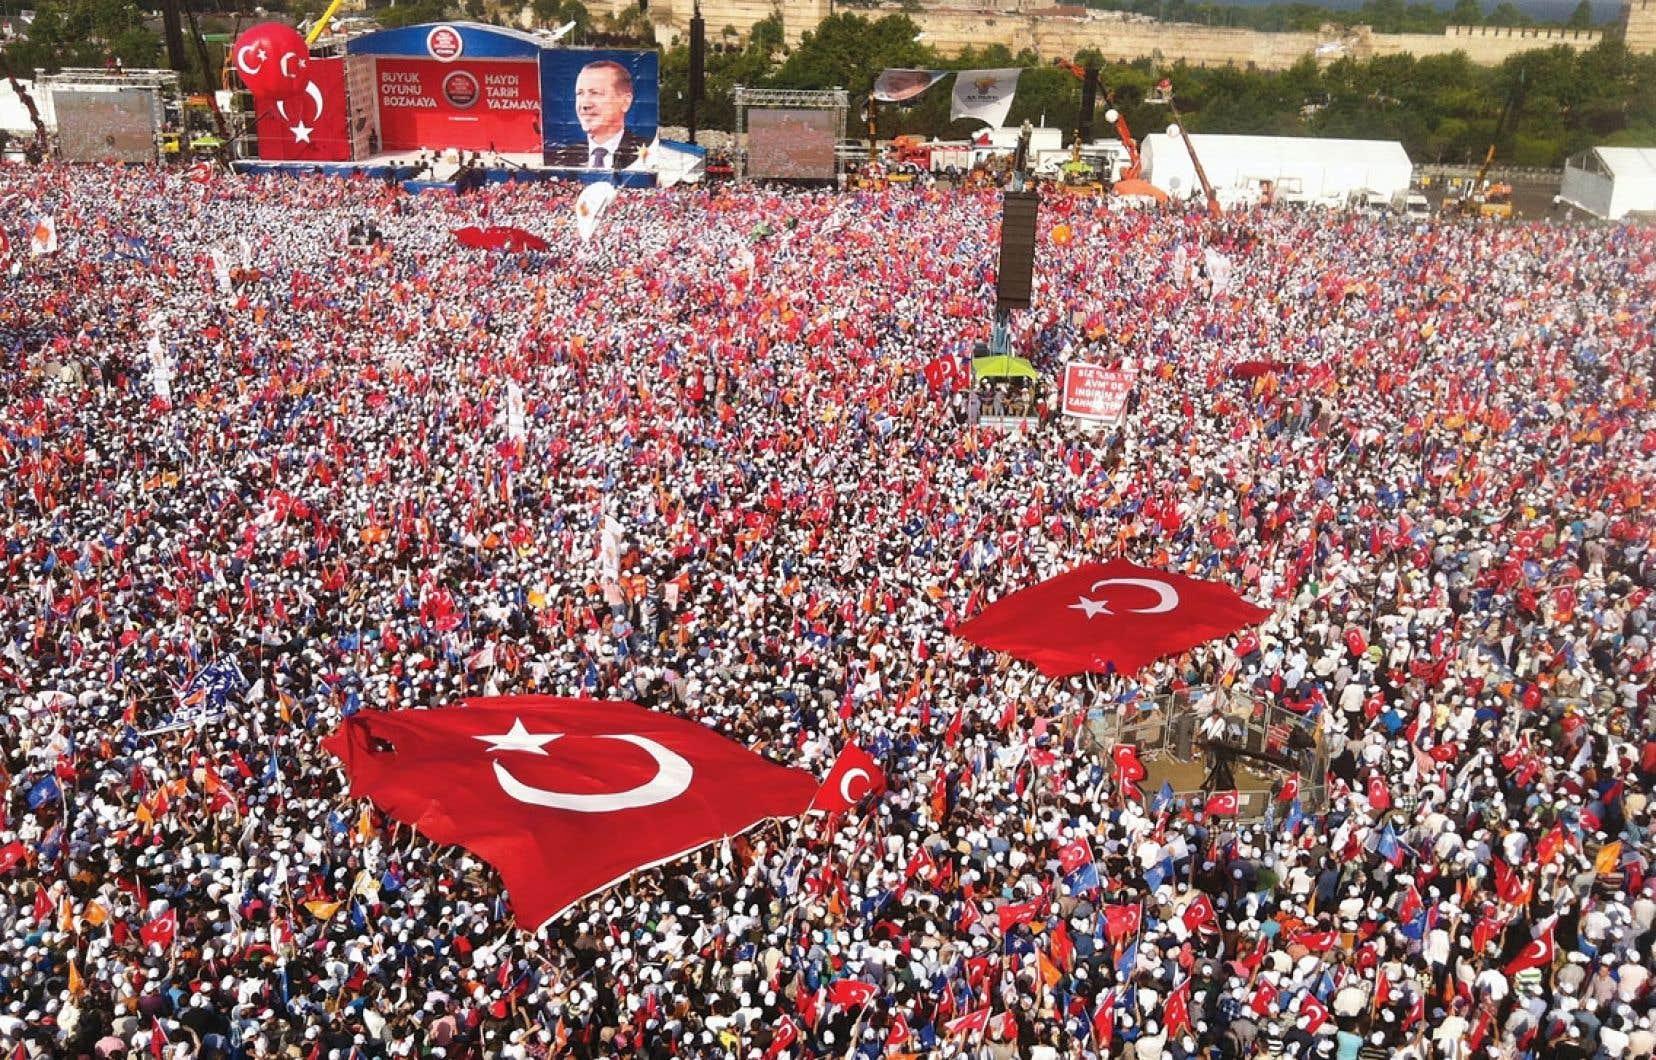 Plus de 100 000 partisans du premier ministre turc se sont réunis pour lui témoigner leur soutien.